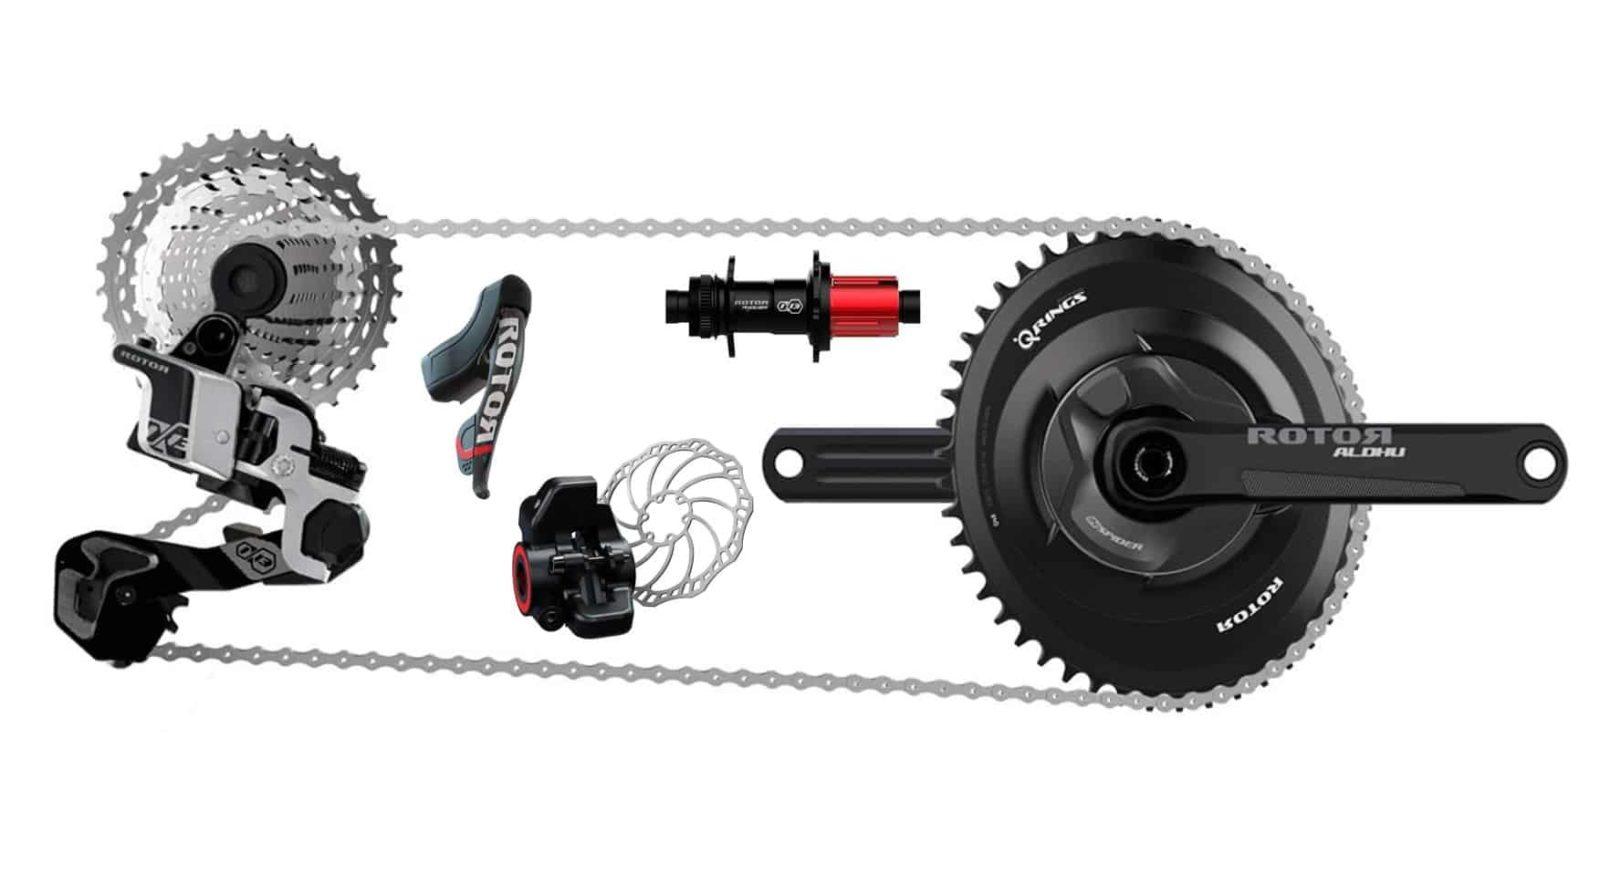 Groupset 13 speed Rotor untuk sepeda balap